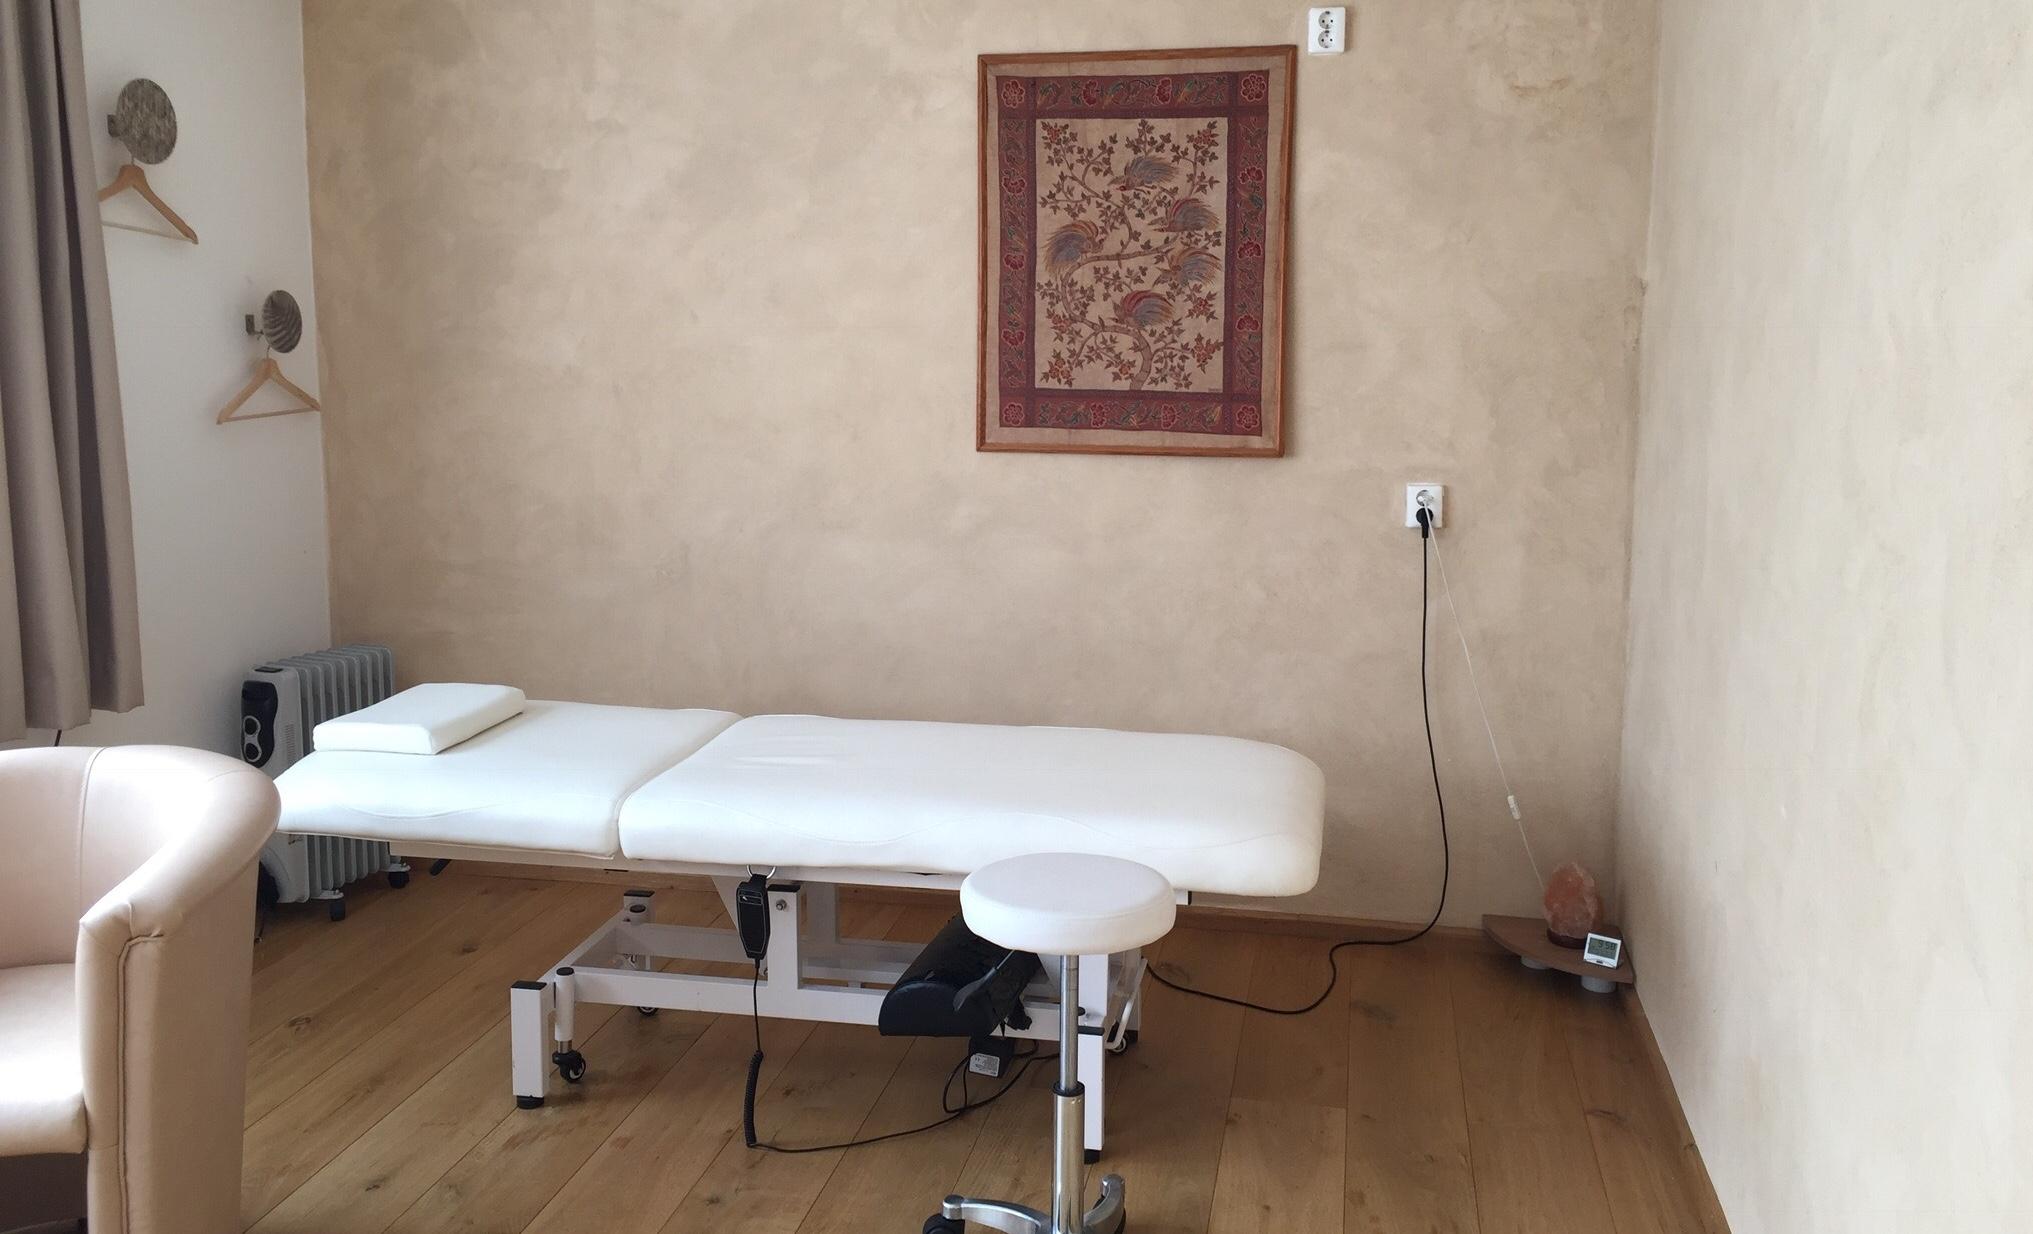 acupunctuurpraktijkrotterdam.jpeg